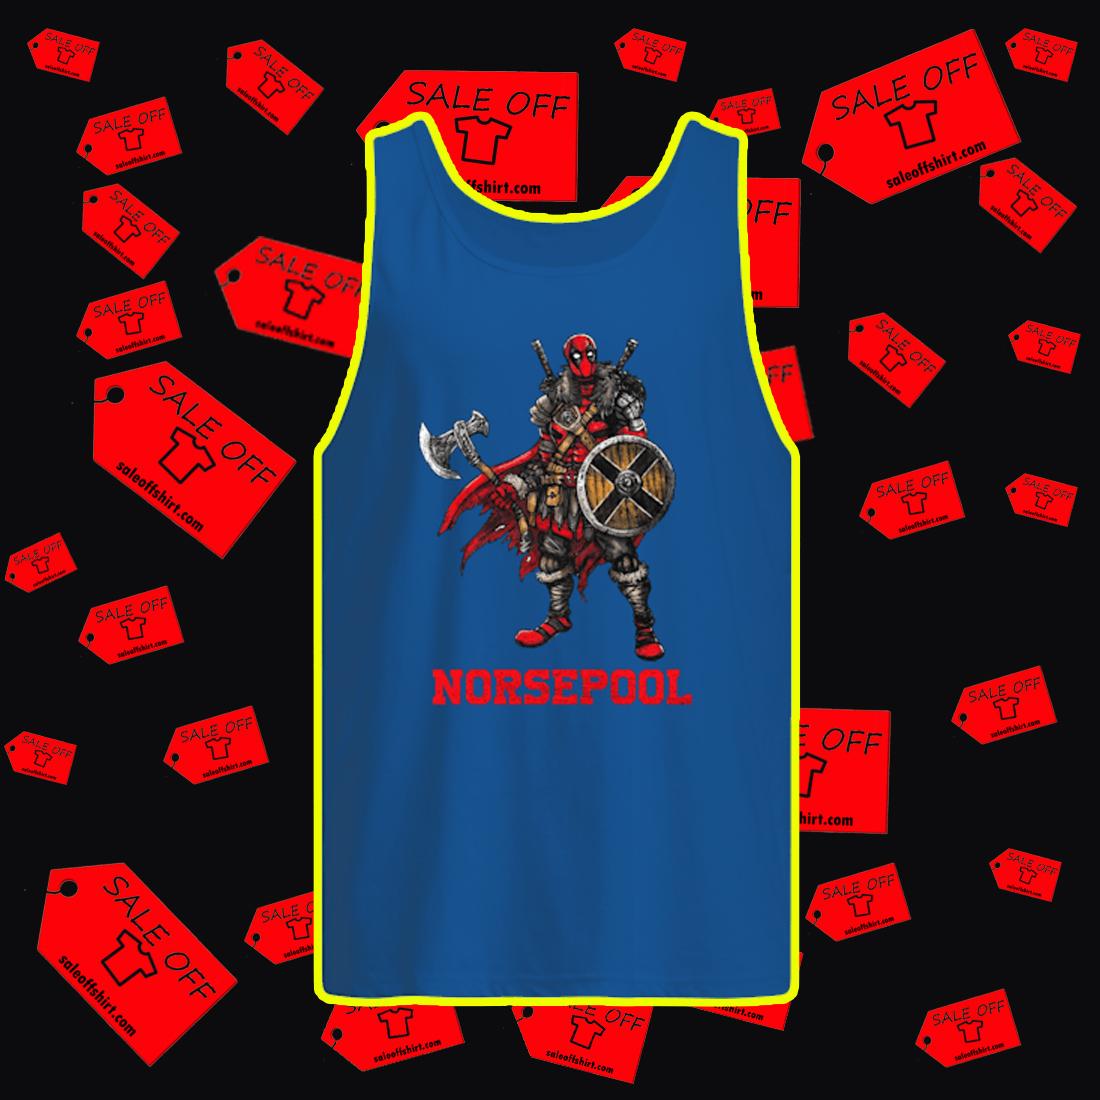 Viking Deadpool Norsepool tank top